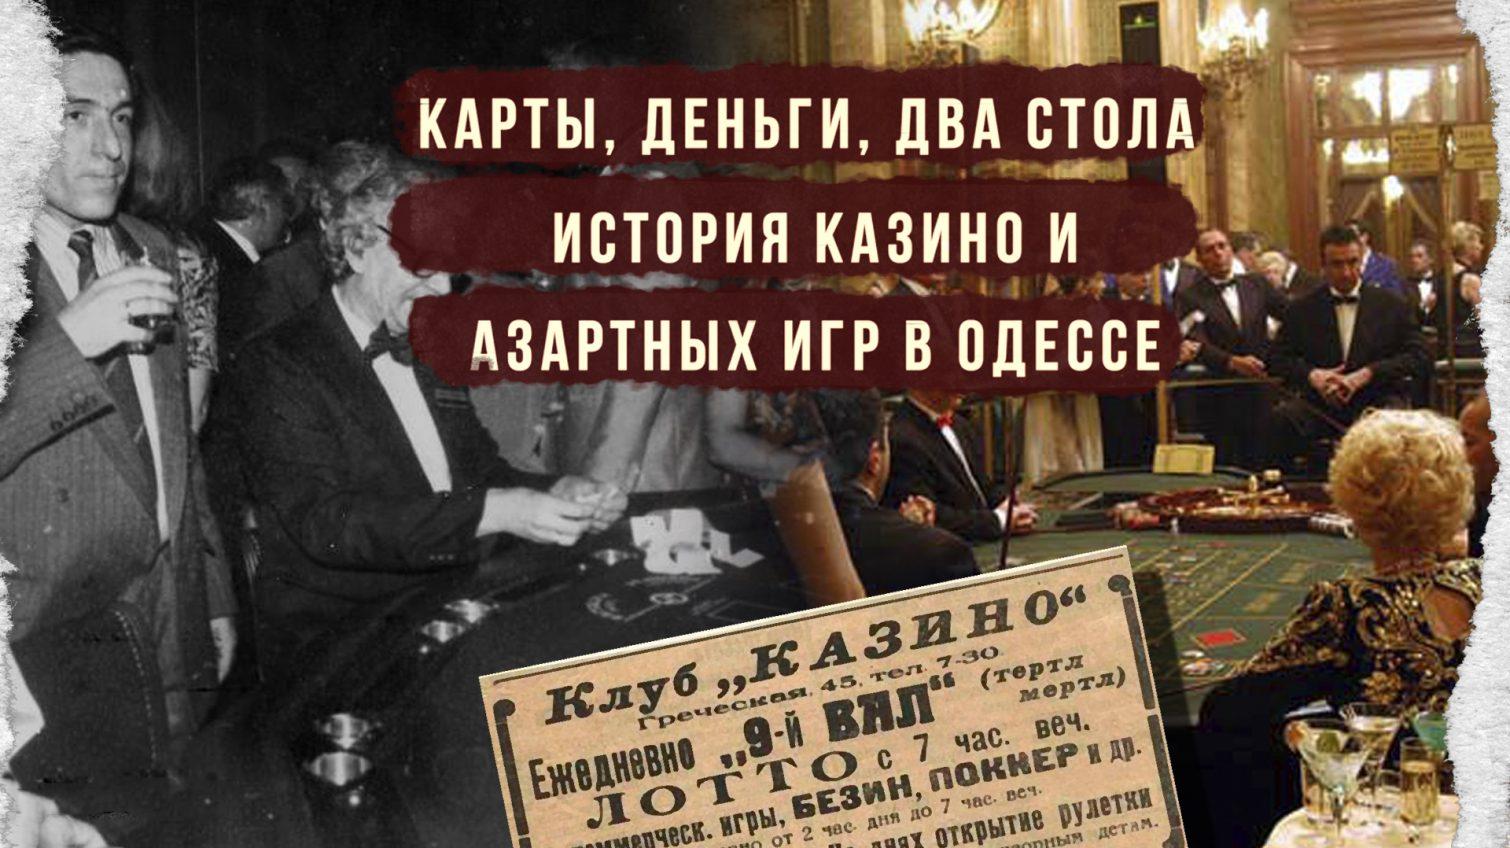 Карты, деньги, два стола: история казино и азартных игр в Одессе «фото»